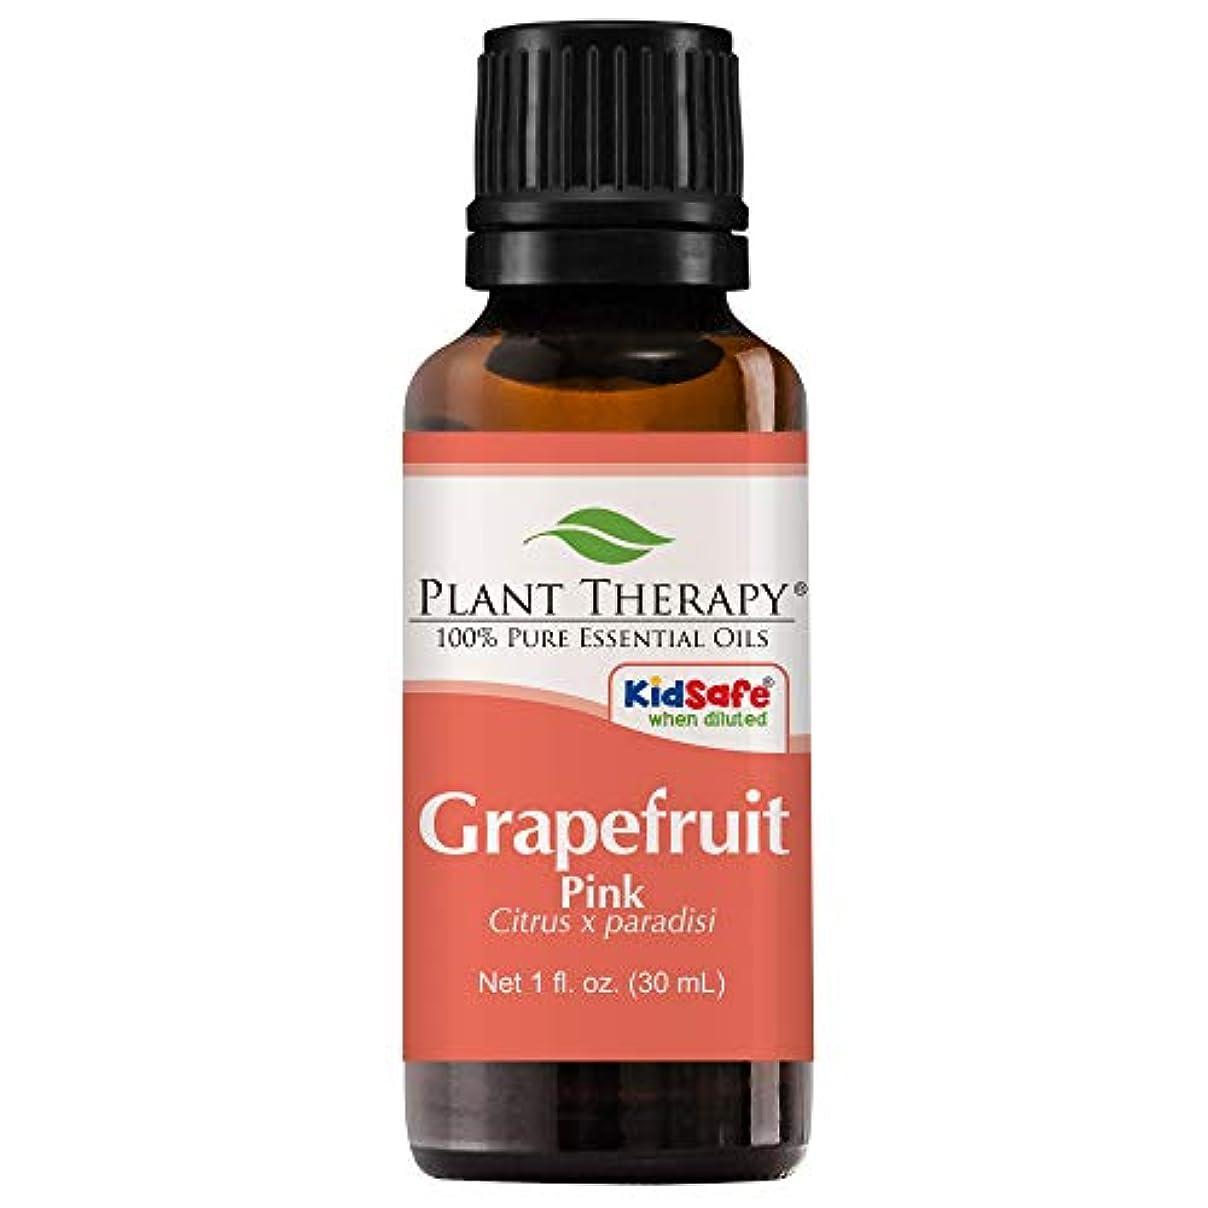 シャツ放射する民主主義植物セラピーグレープフルーツ(ピンク)エッセンシャルオイル。 100%ピュア、希釈していない、治療グレード。 30ミリリットル(1オンス)